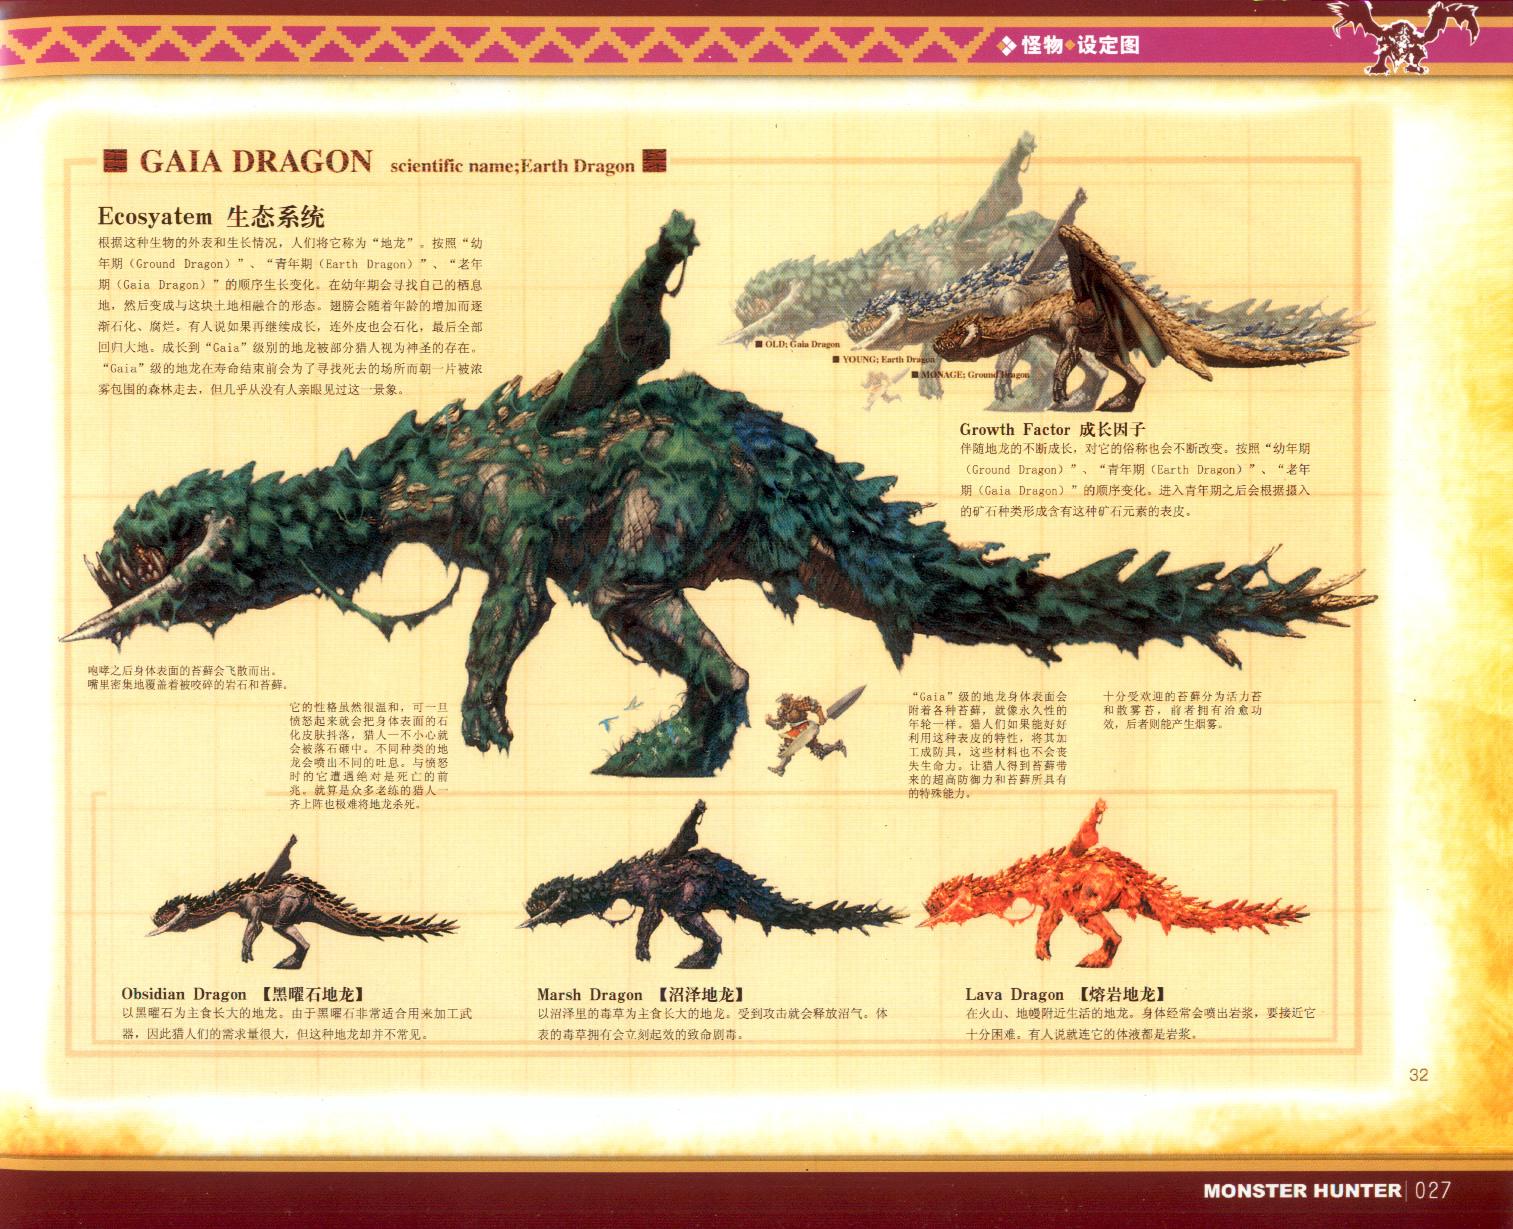 027_关注-游艺网GAME798海量资源下载怪物猎人终极画集.jpg